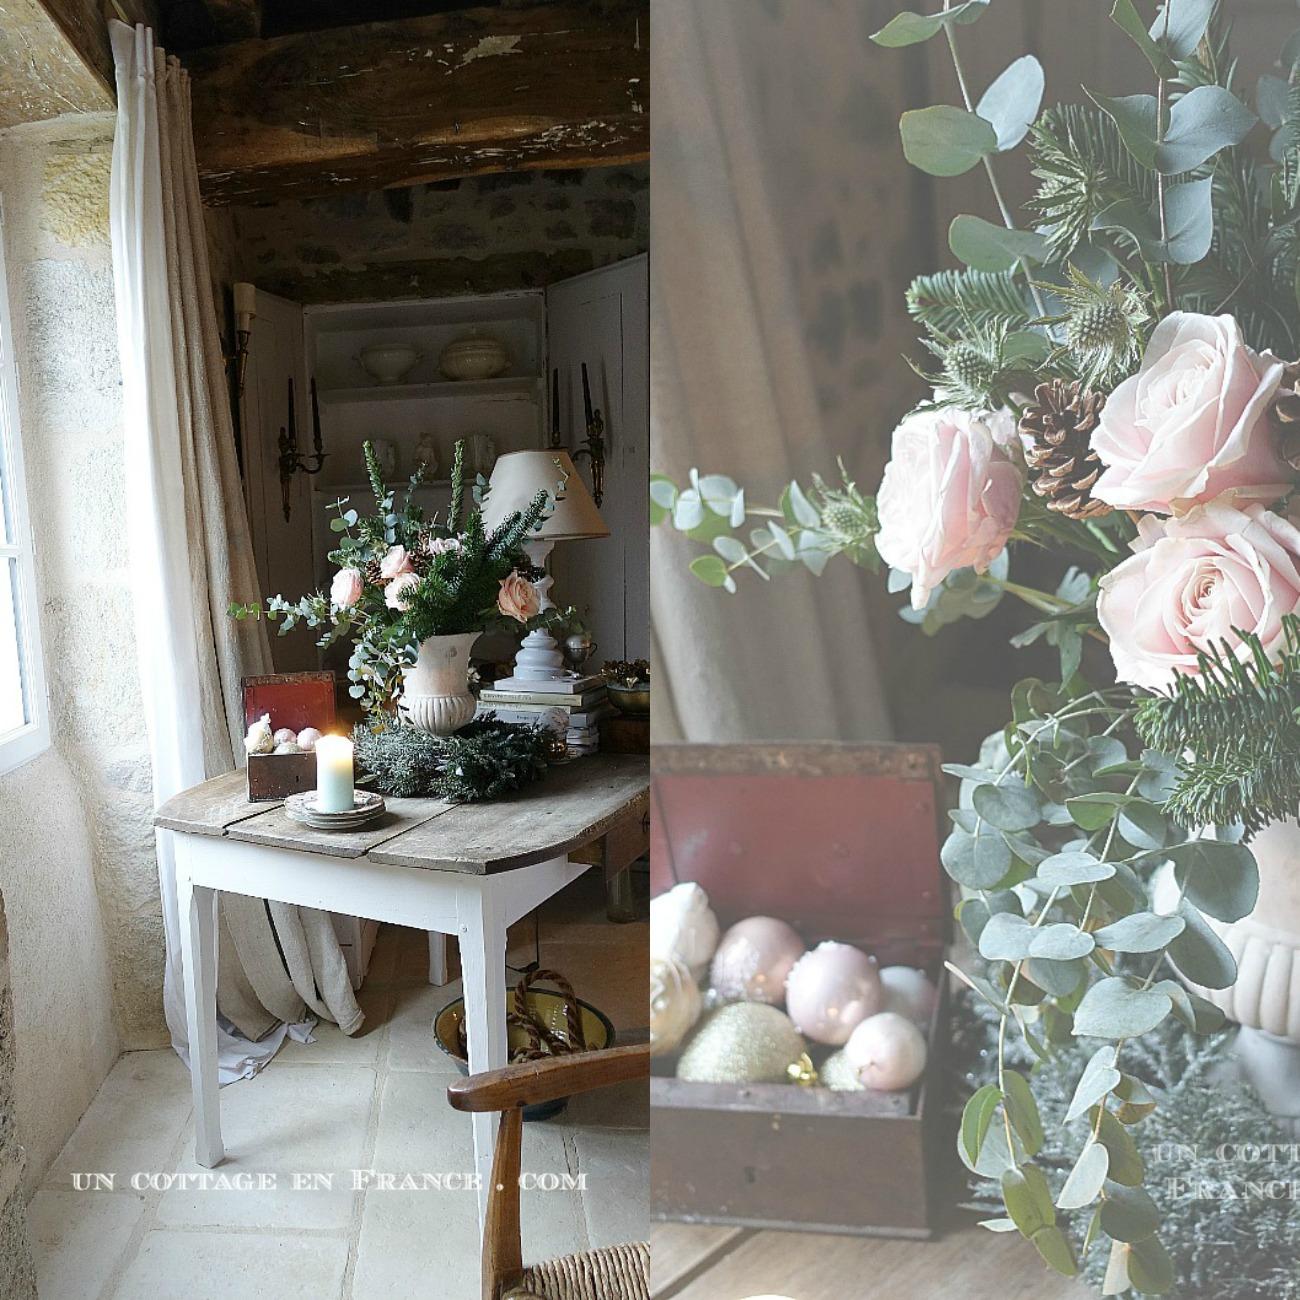 Bouquet de noel - blog campagne chic1300